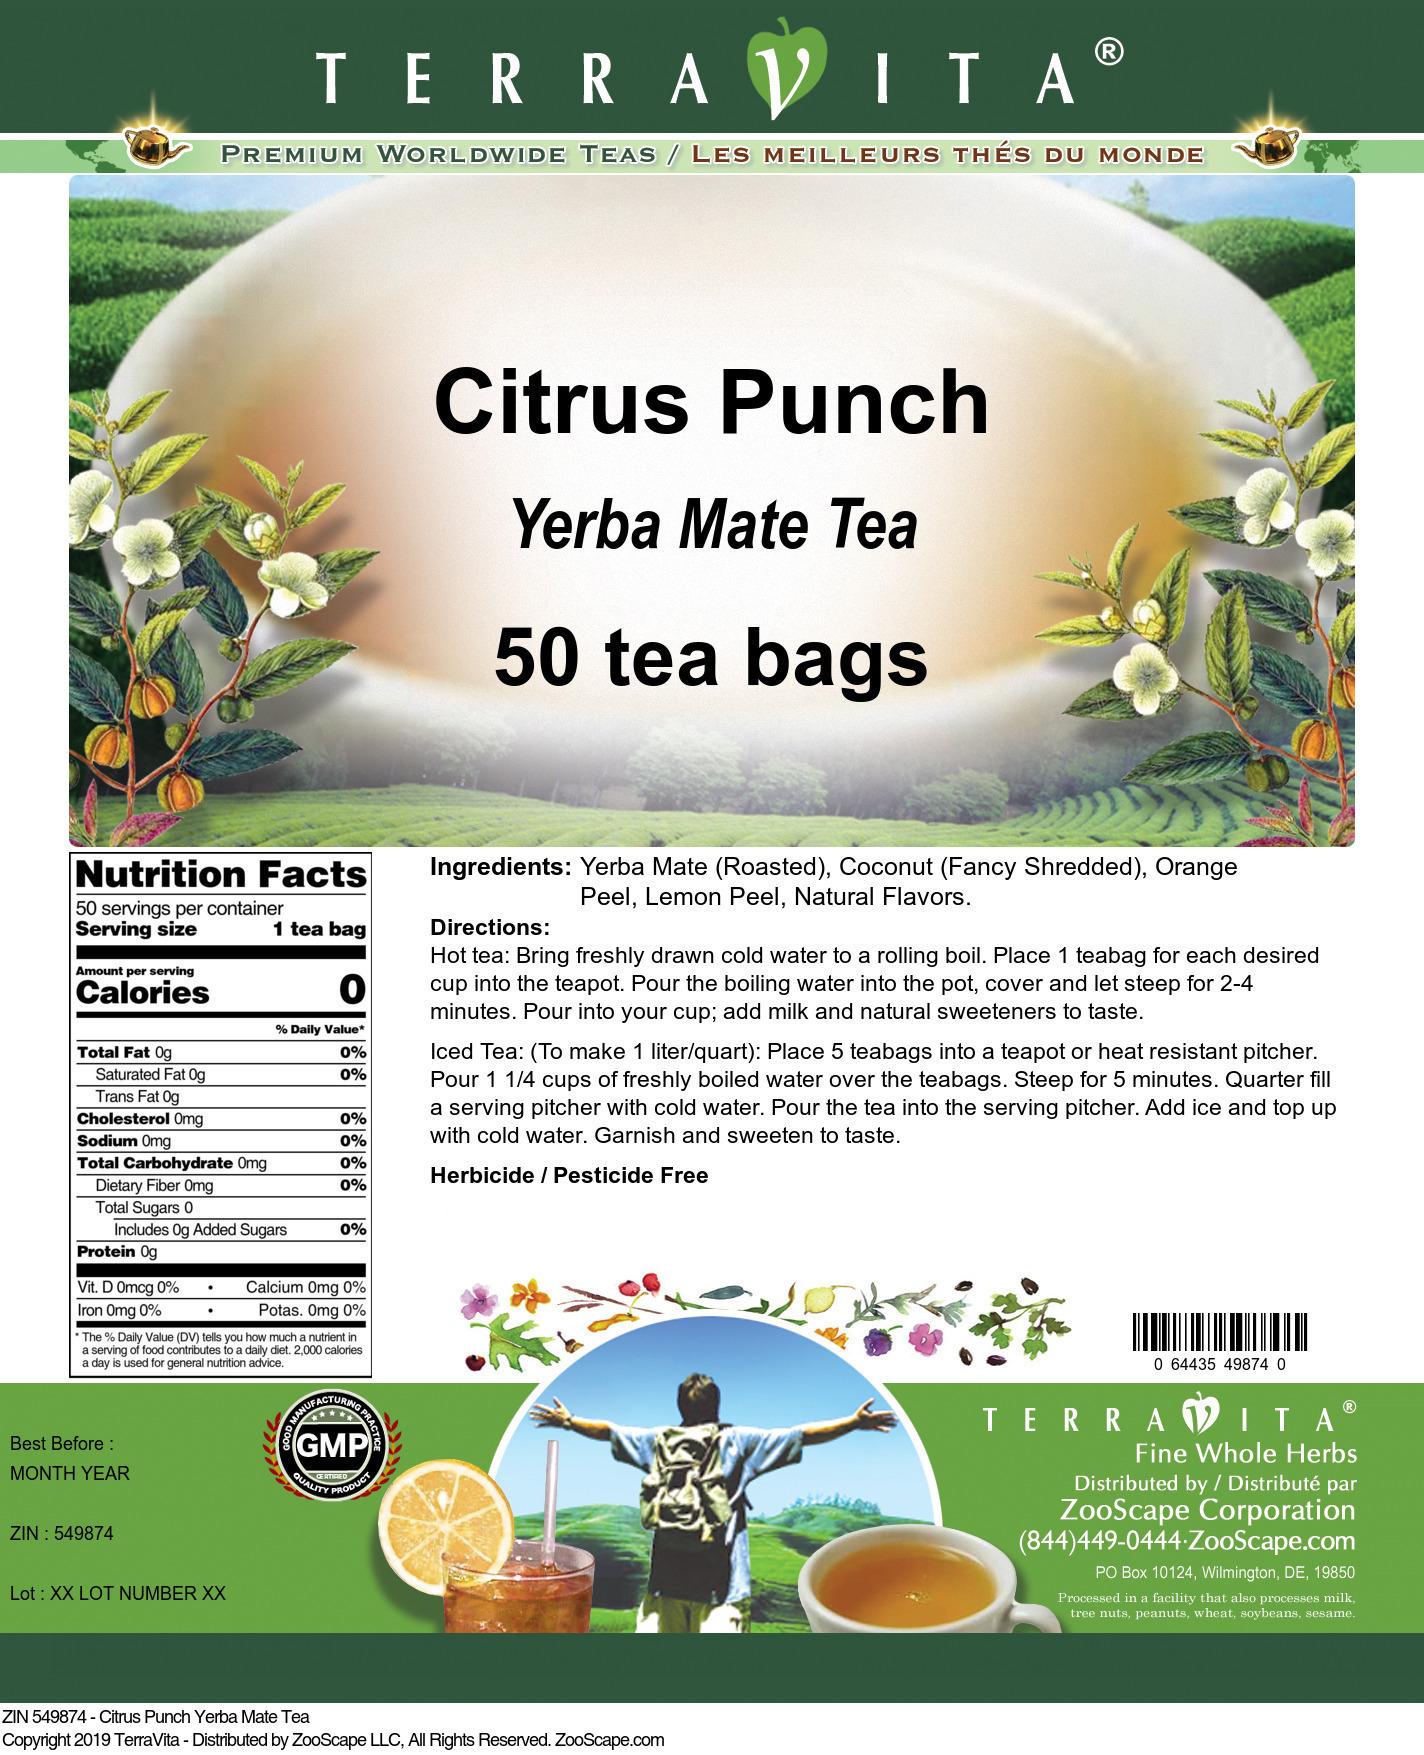 Citrus Punch Yerba Mate